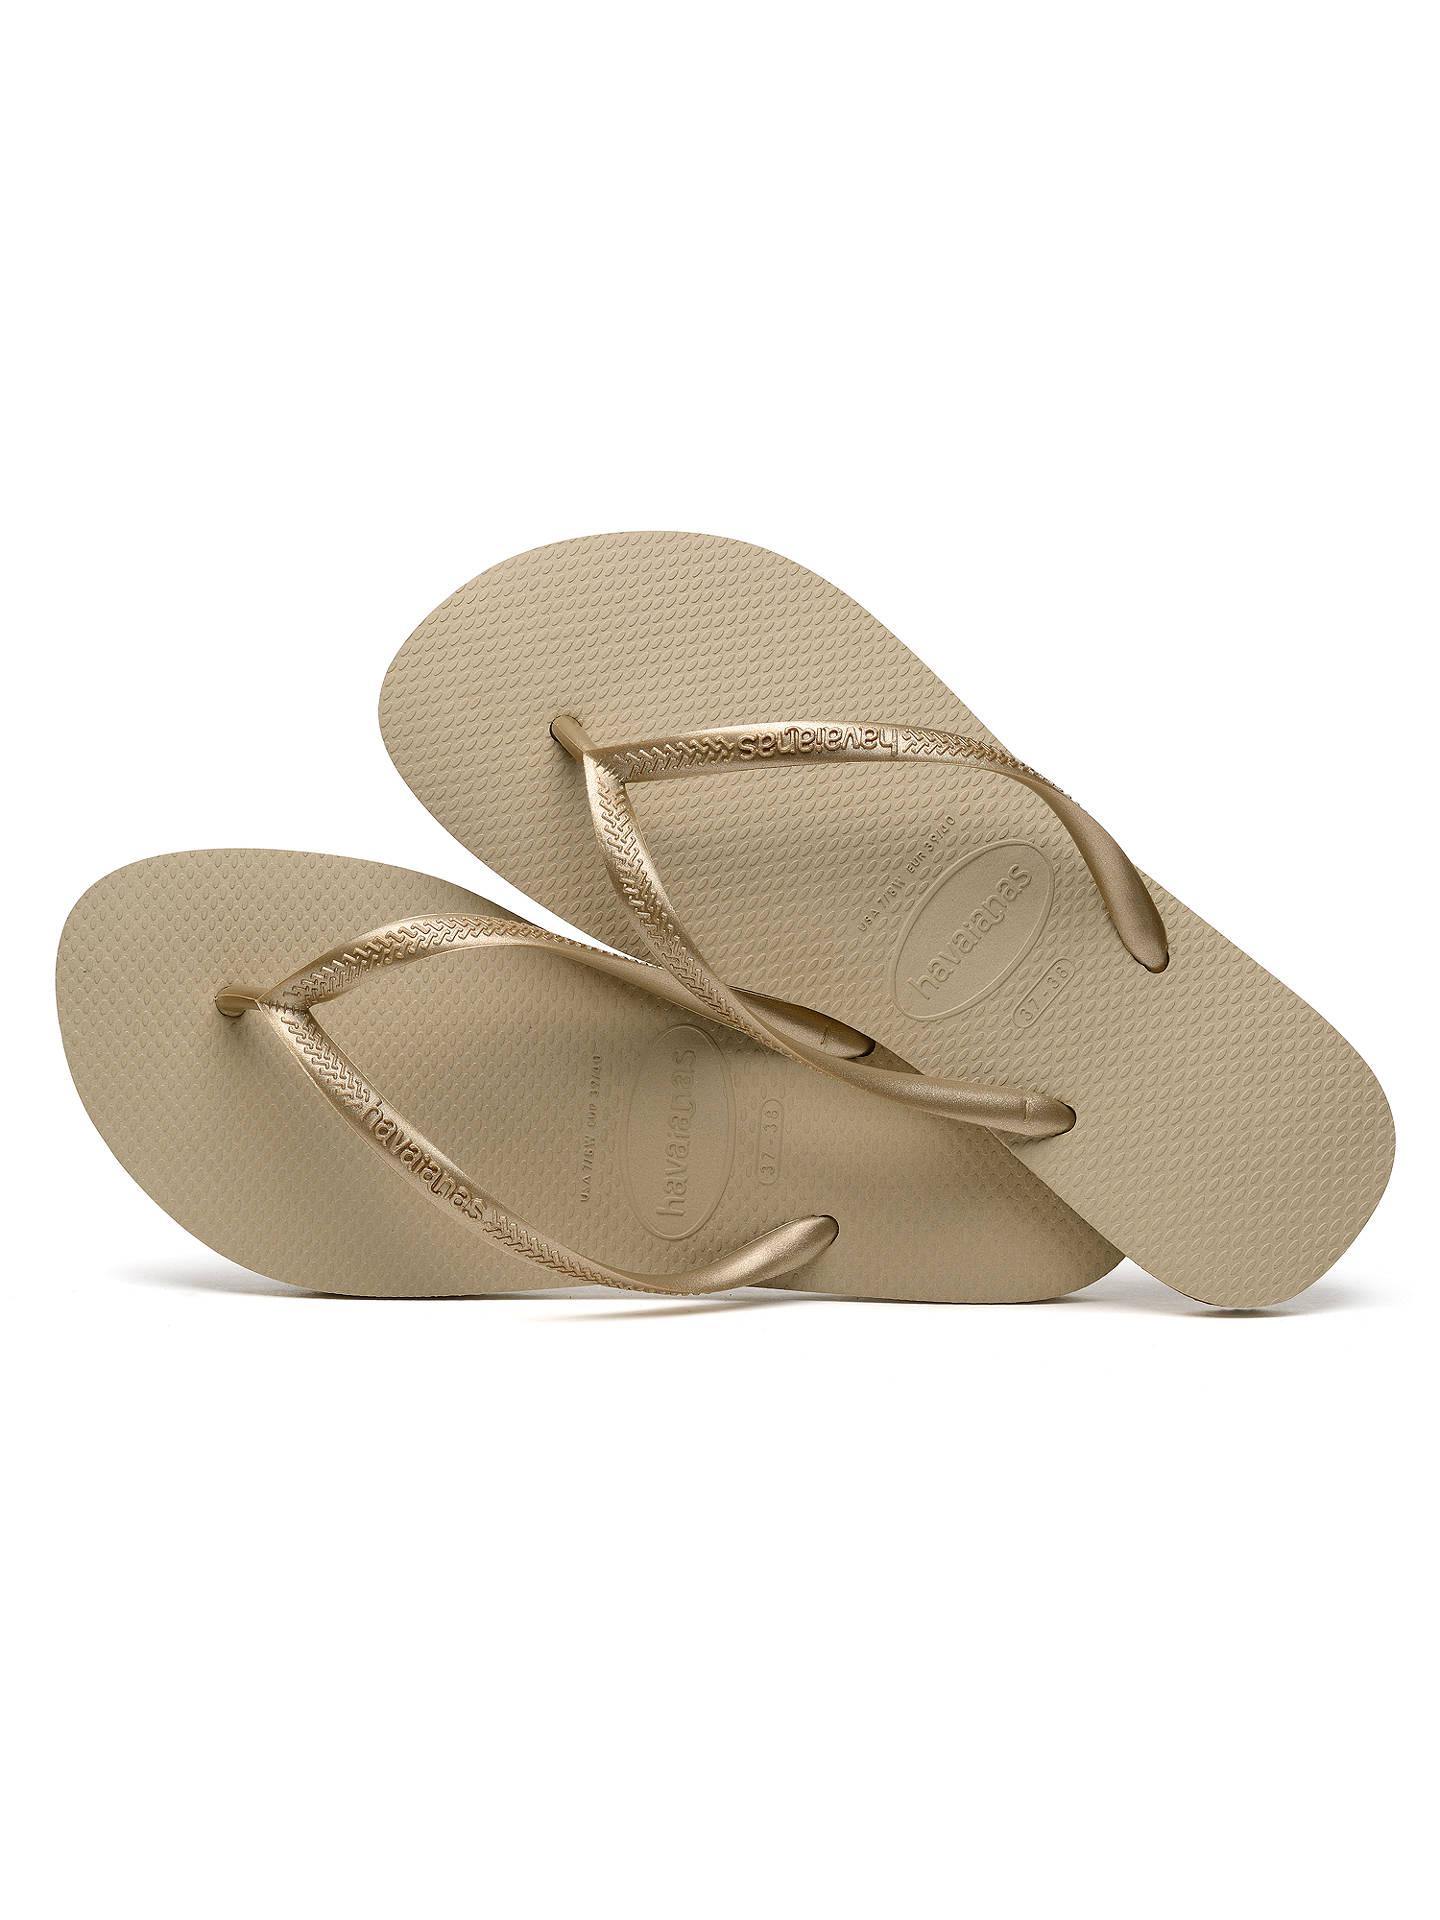 91a66d8ec01d Buy Havaianas Children s Slim Flip Flops